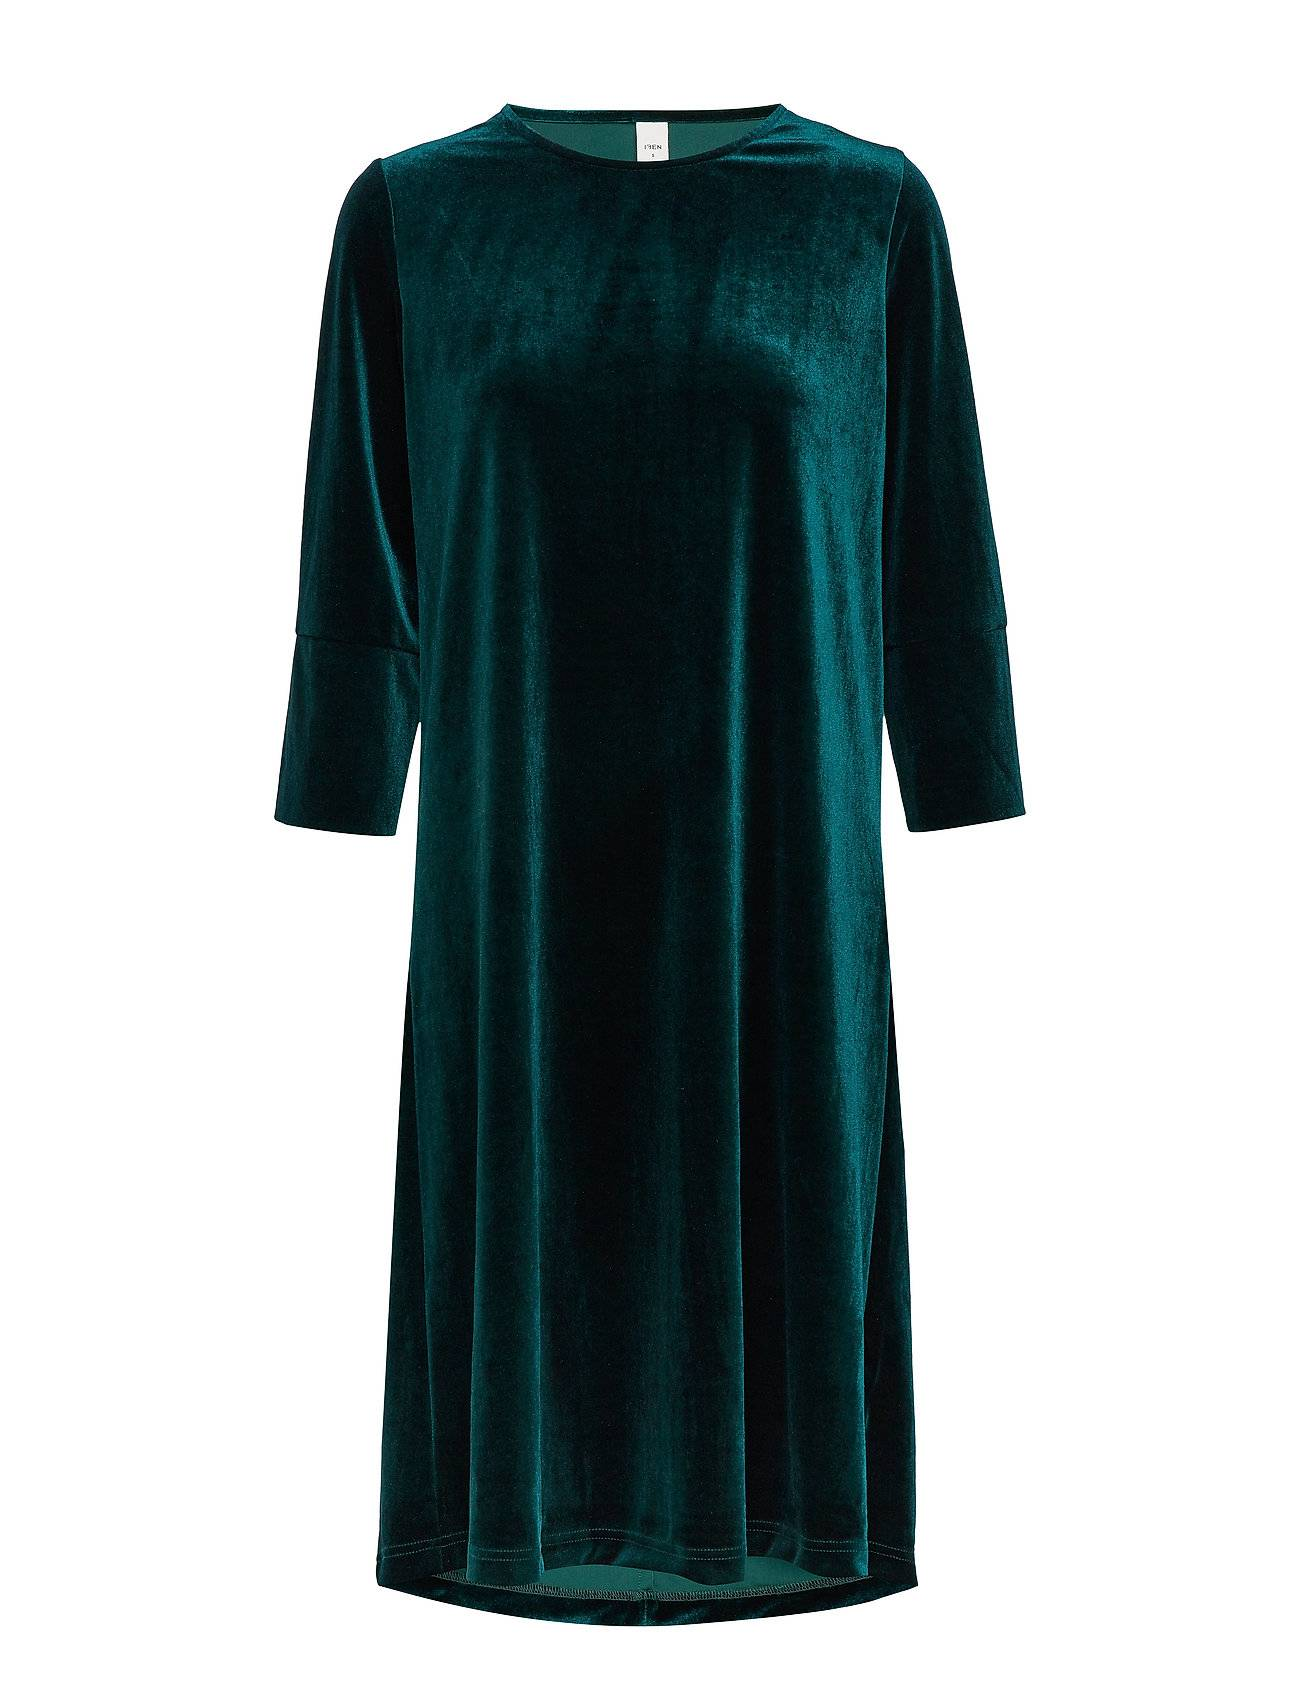 IBEN Kobi Dress St Polvipituinen Mekko Vihreä IBEN